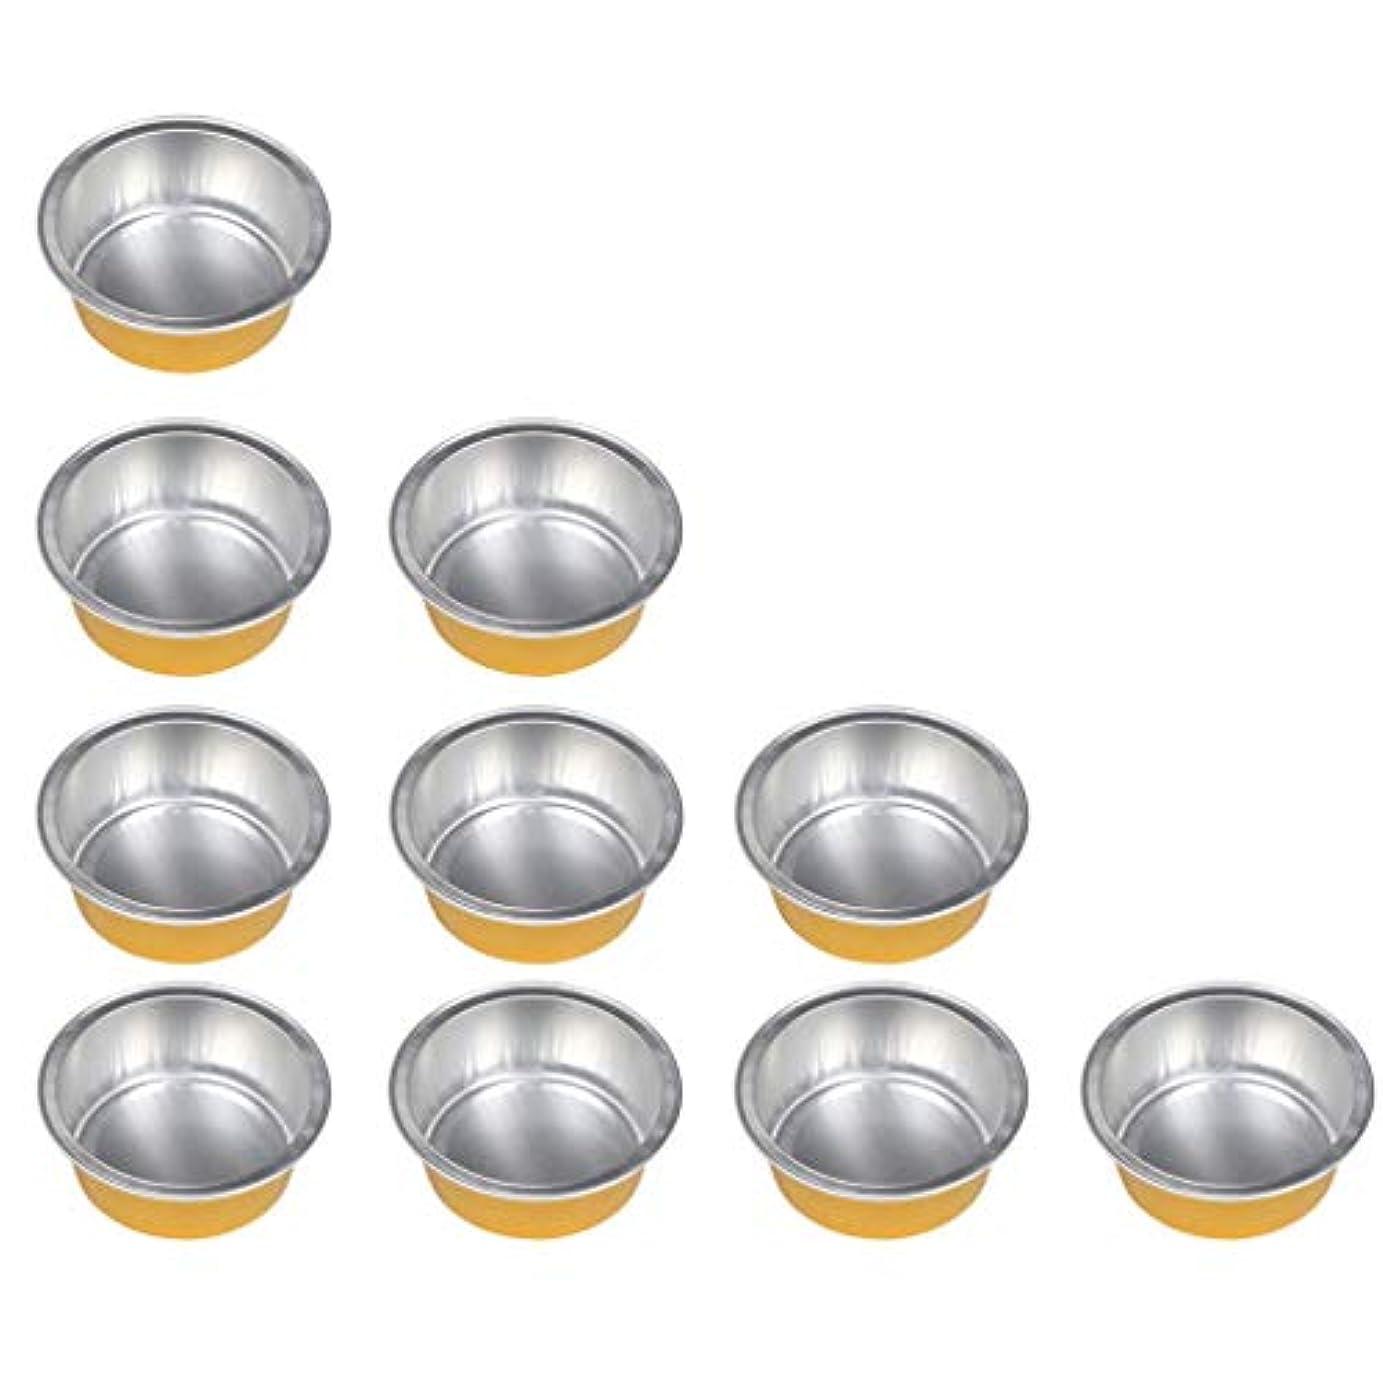 同情ケーブルカー弁護人10個 ワックスボウル ミニボウル アルミホイルボウル ワックス豆体 溶融 衛生的 2種選ぶ - ゴールデン1, 01